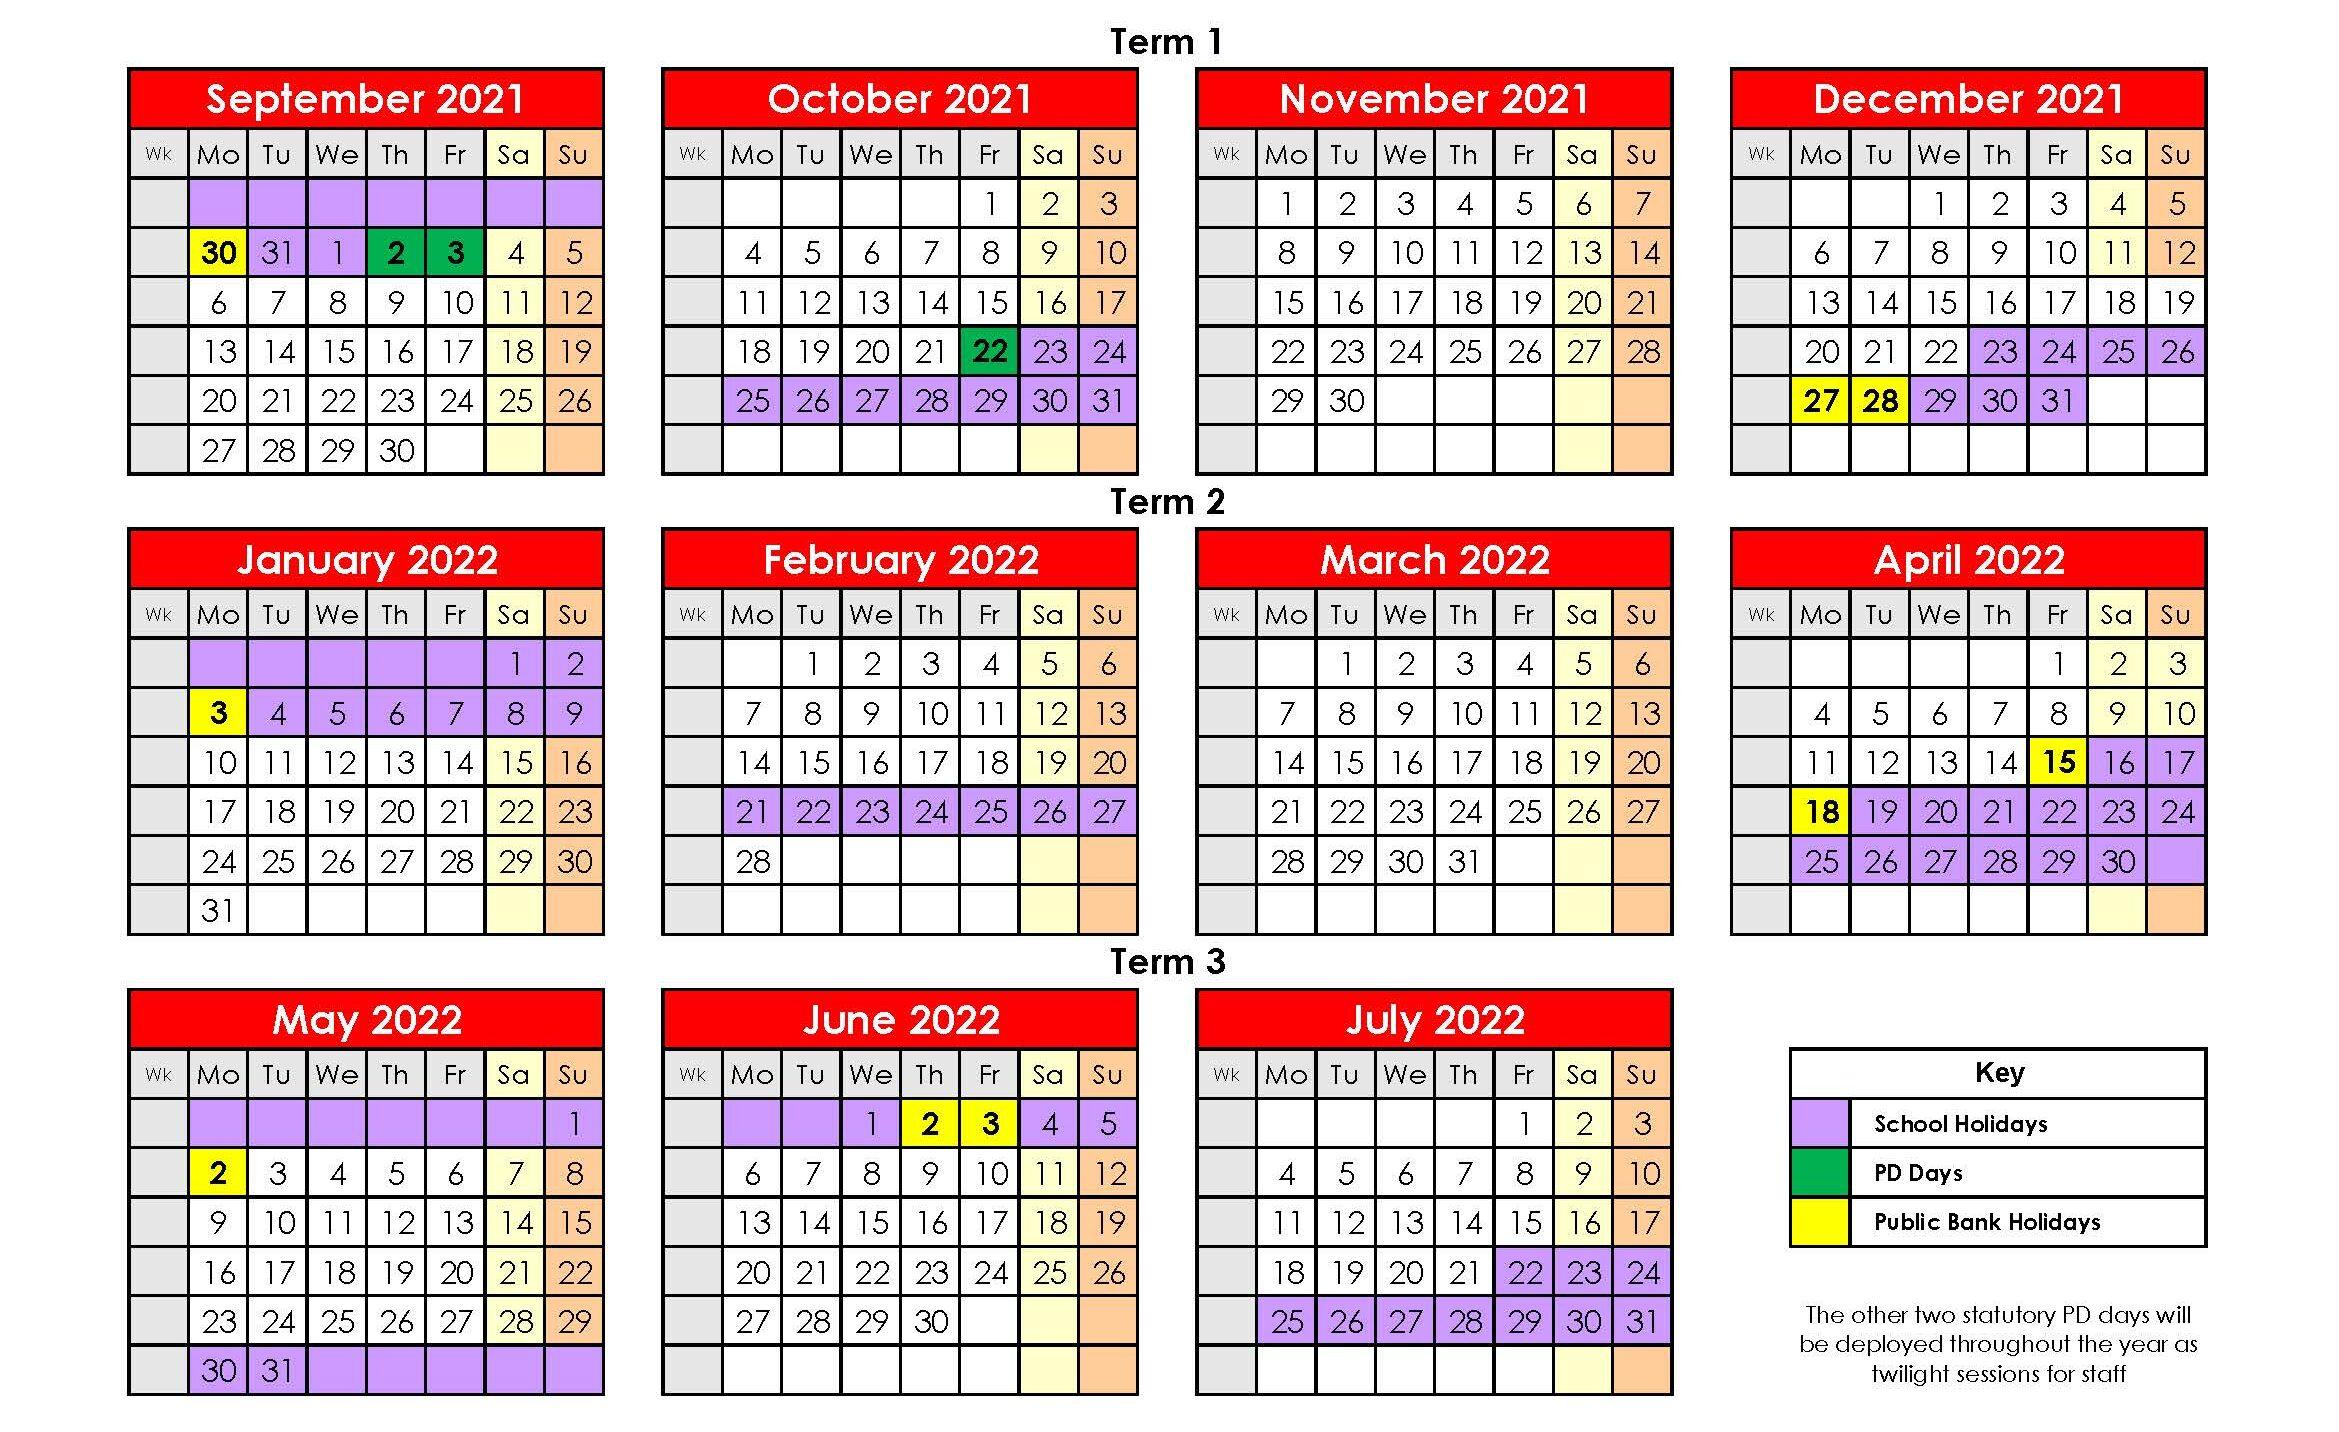 2021-2022 Holidays